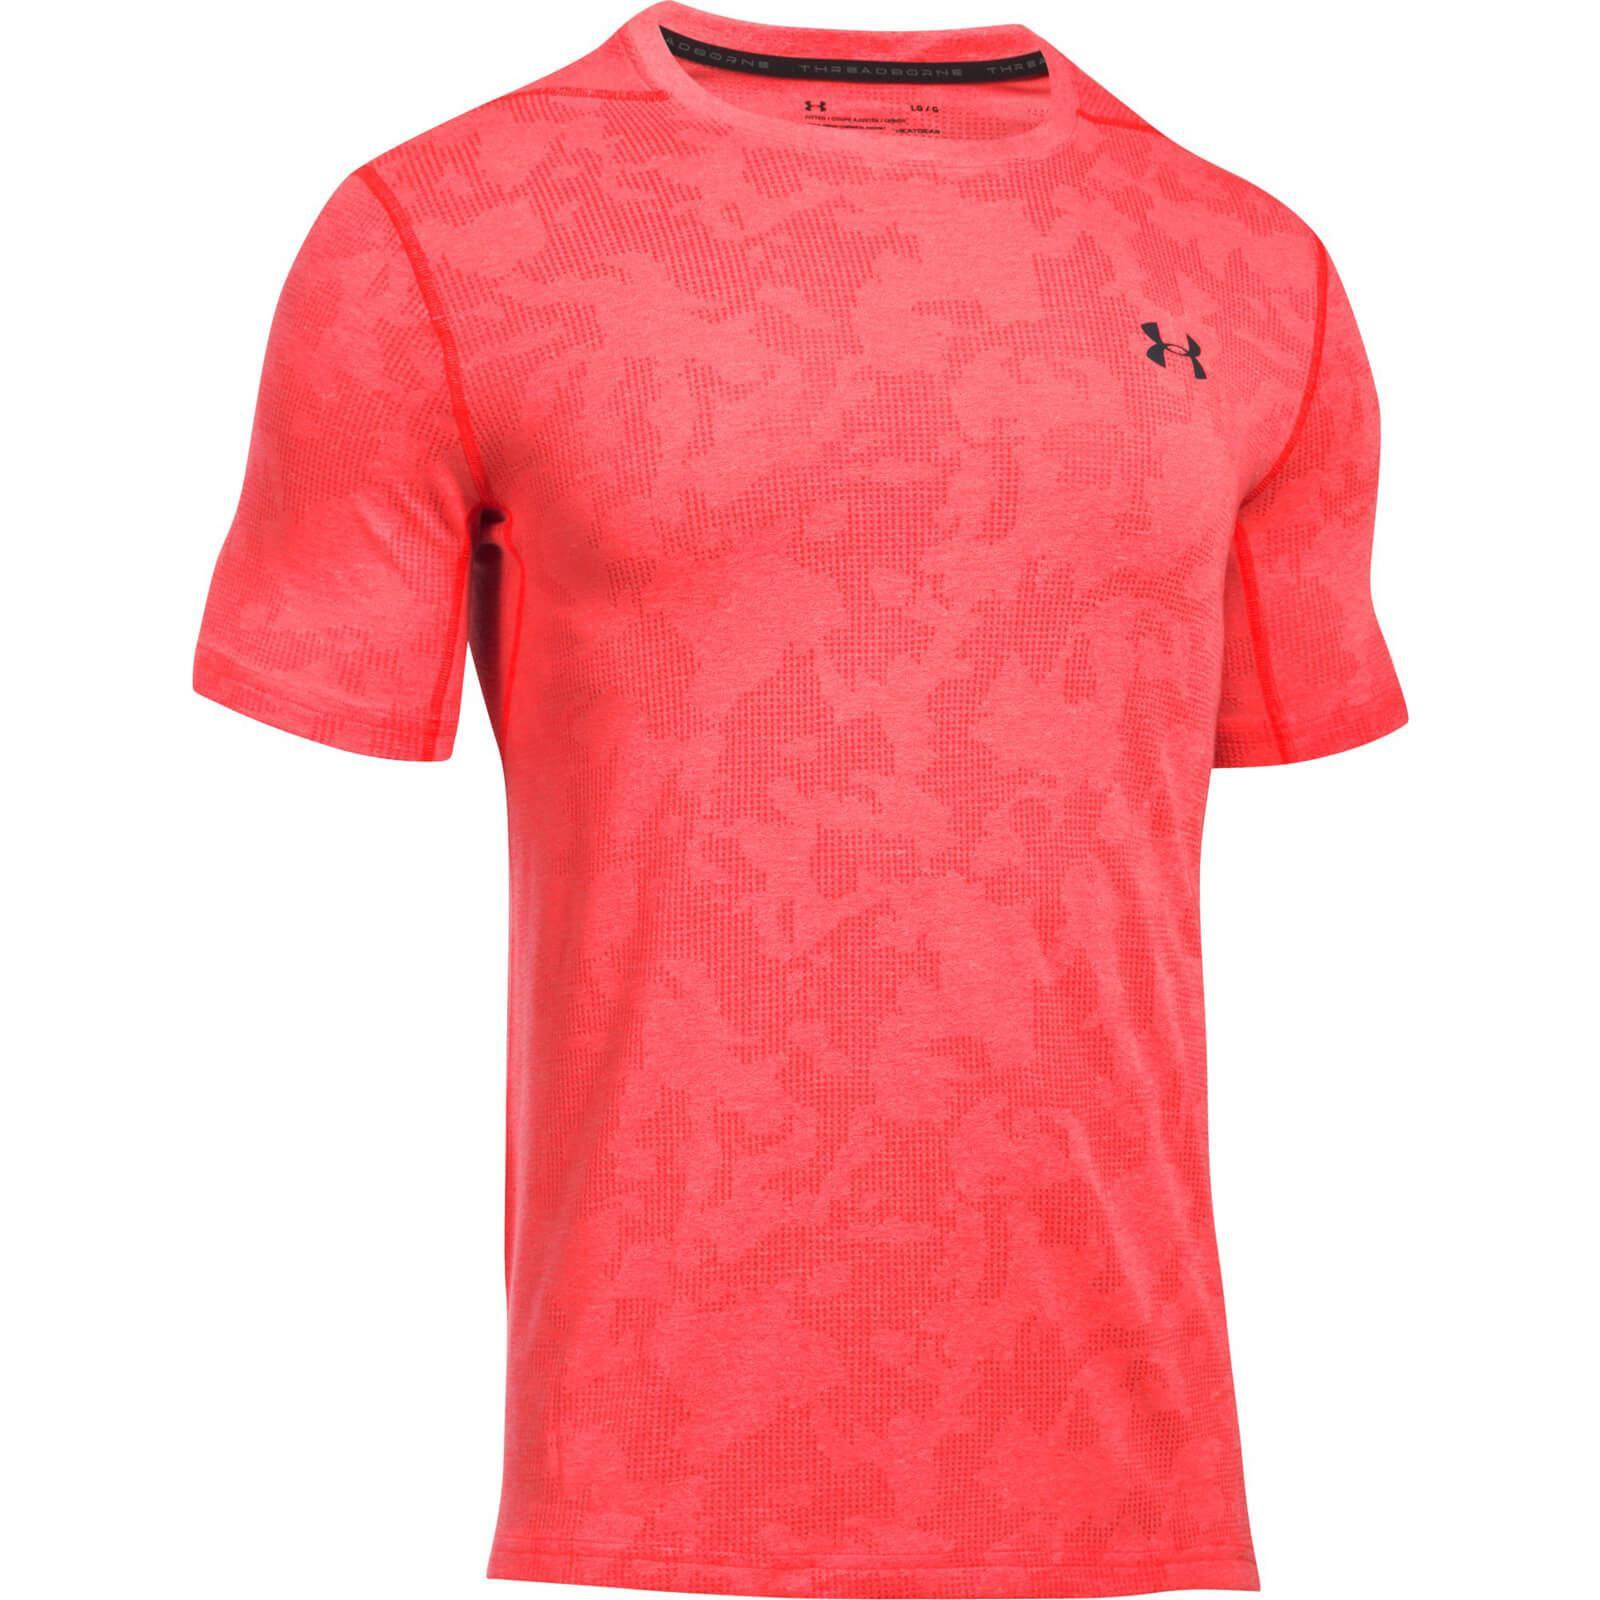 Lyst under armour threadborne elite fitted t shirt in for Under armour fitted t shirt